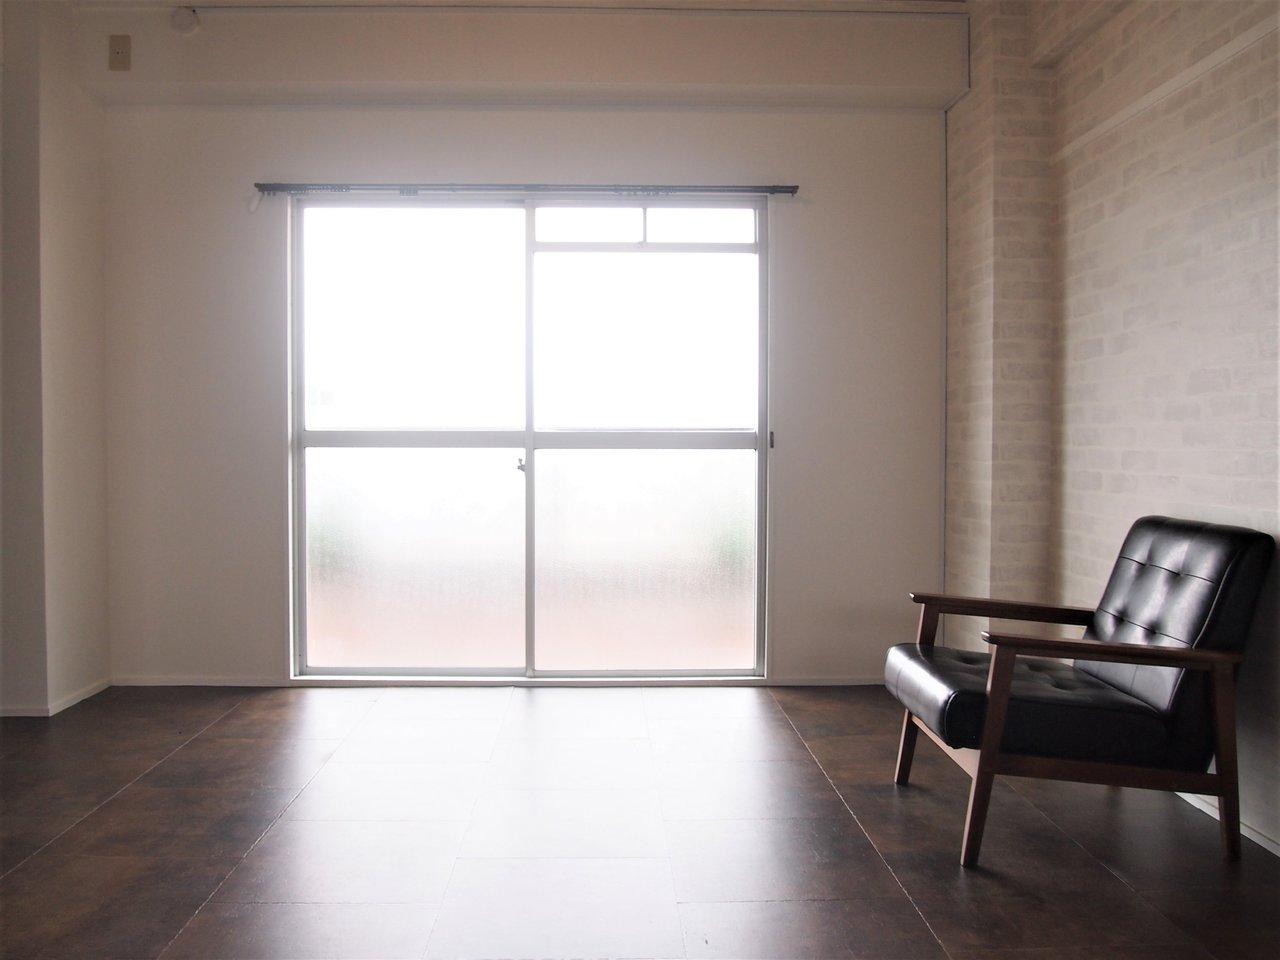 ブルックリン風にリノベーションしたお部屋。建具などもこだわりがキラリと光る内装で、まるでカフェみたい!